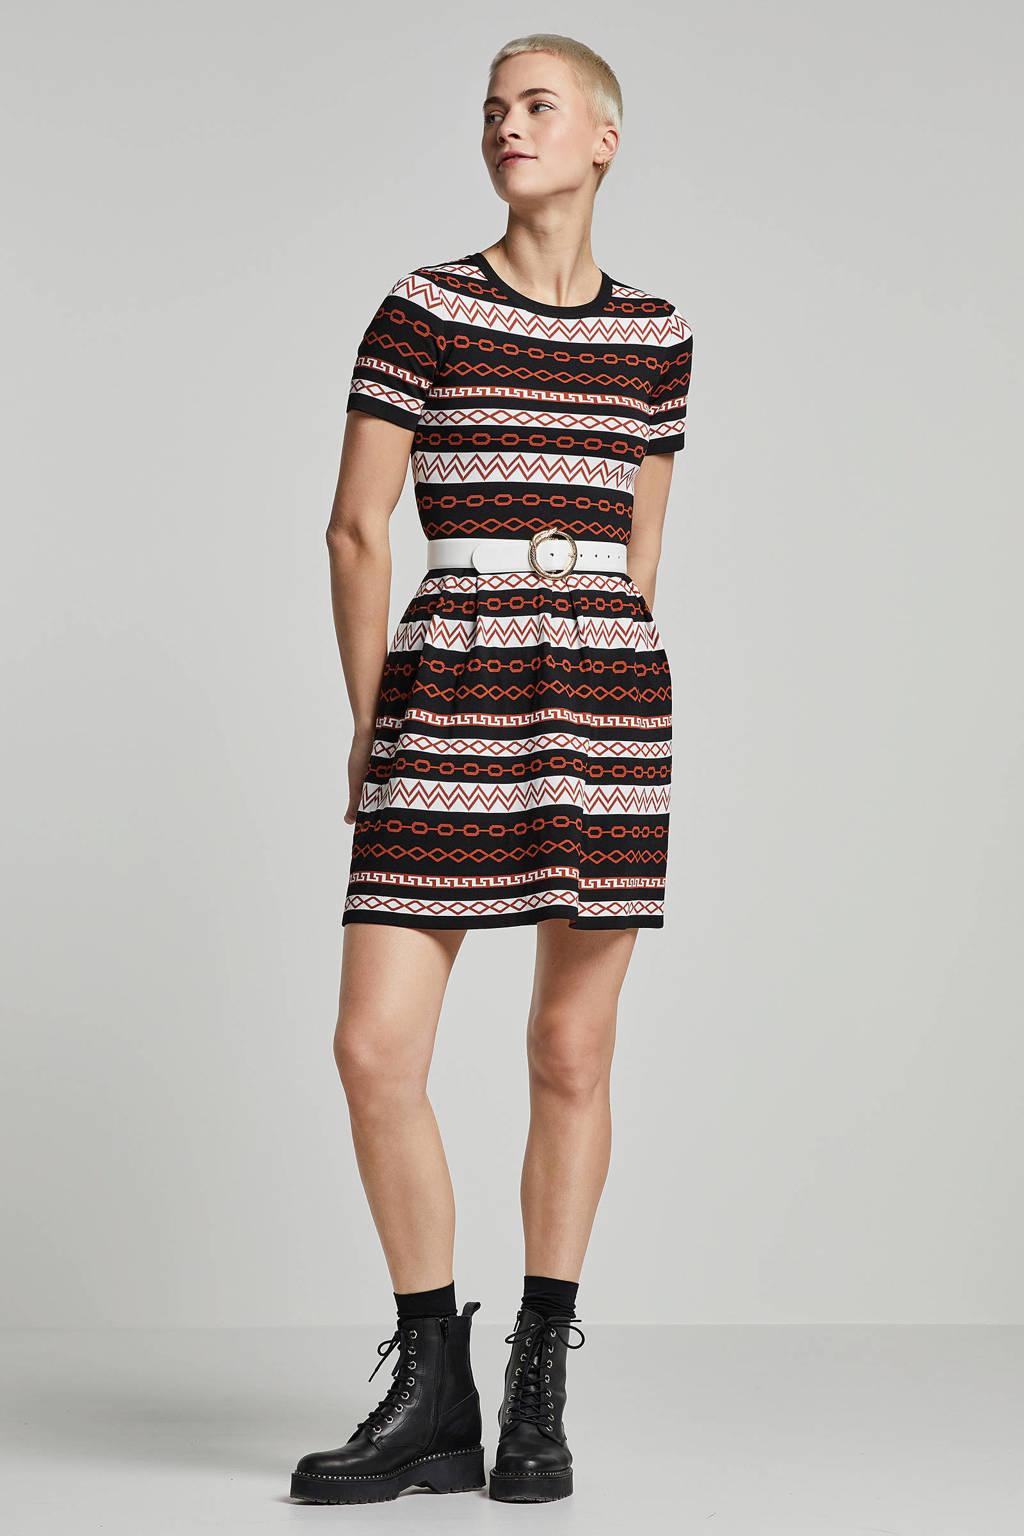 NIKKIE jurk met all over print, Zwart/ bruin/ wit